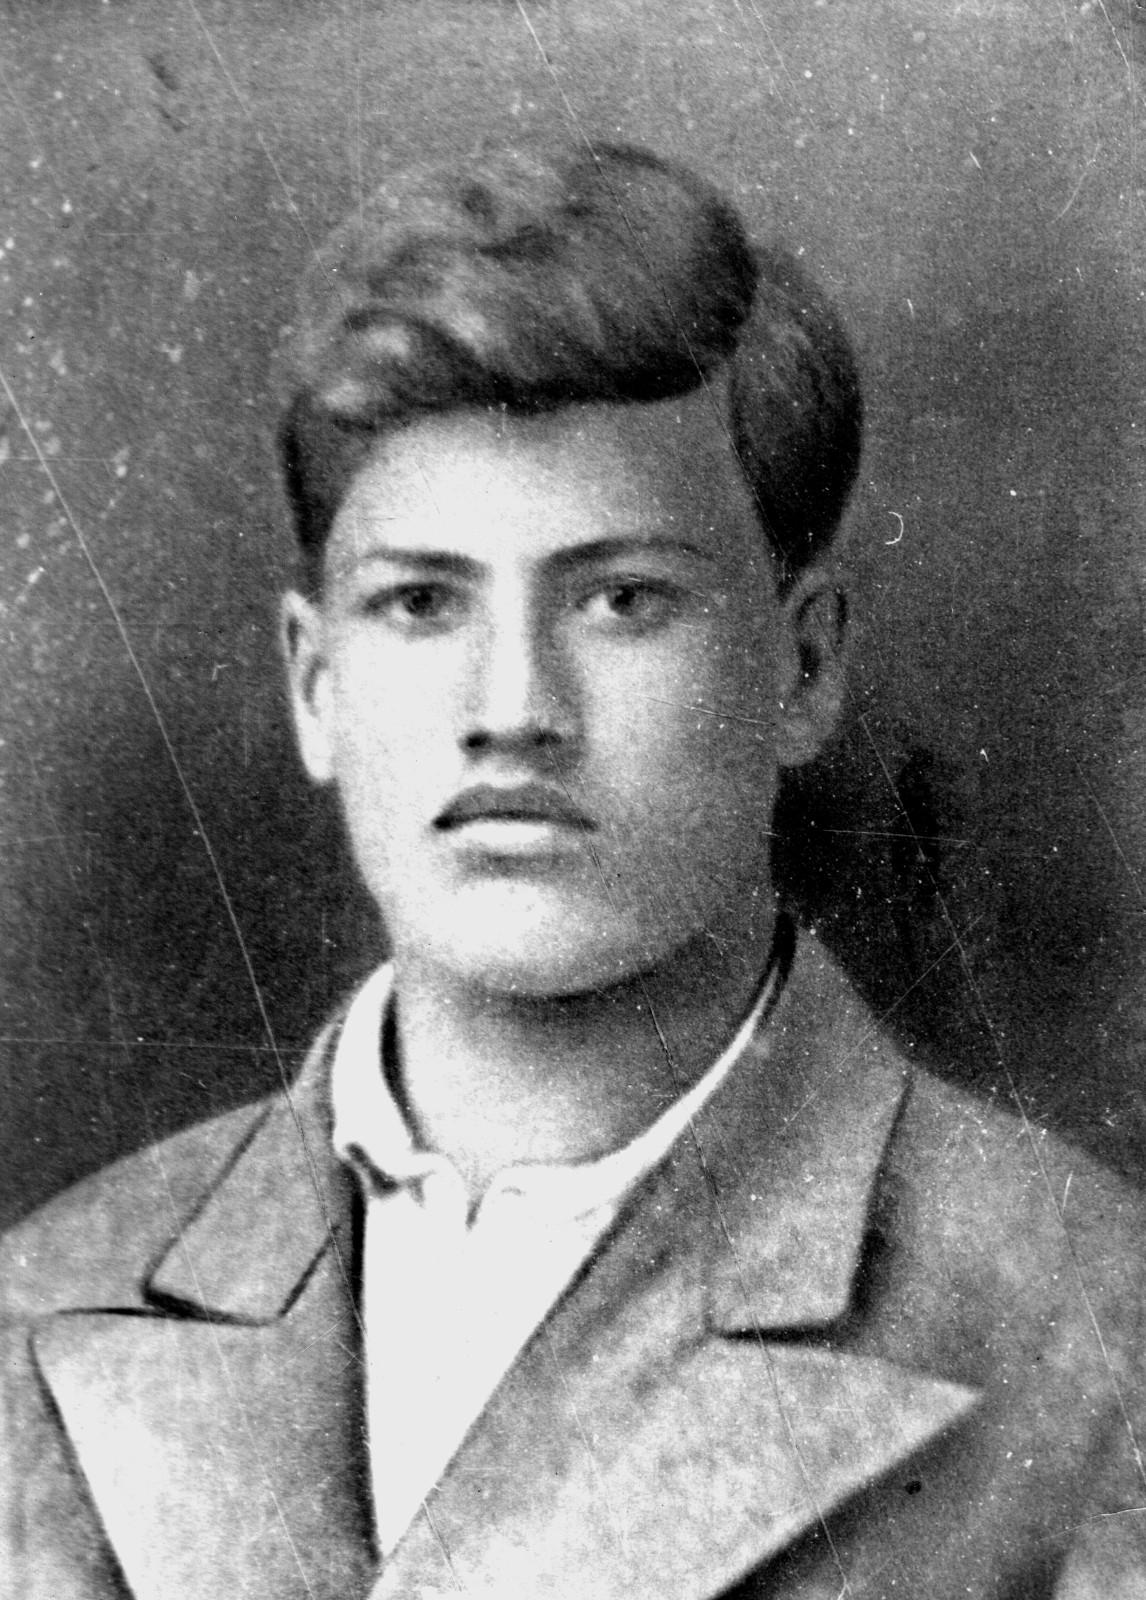 Крышов Алексей Митрофанович.1941. Фото предоставил Крышов С.И.